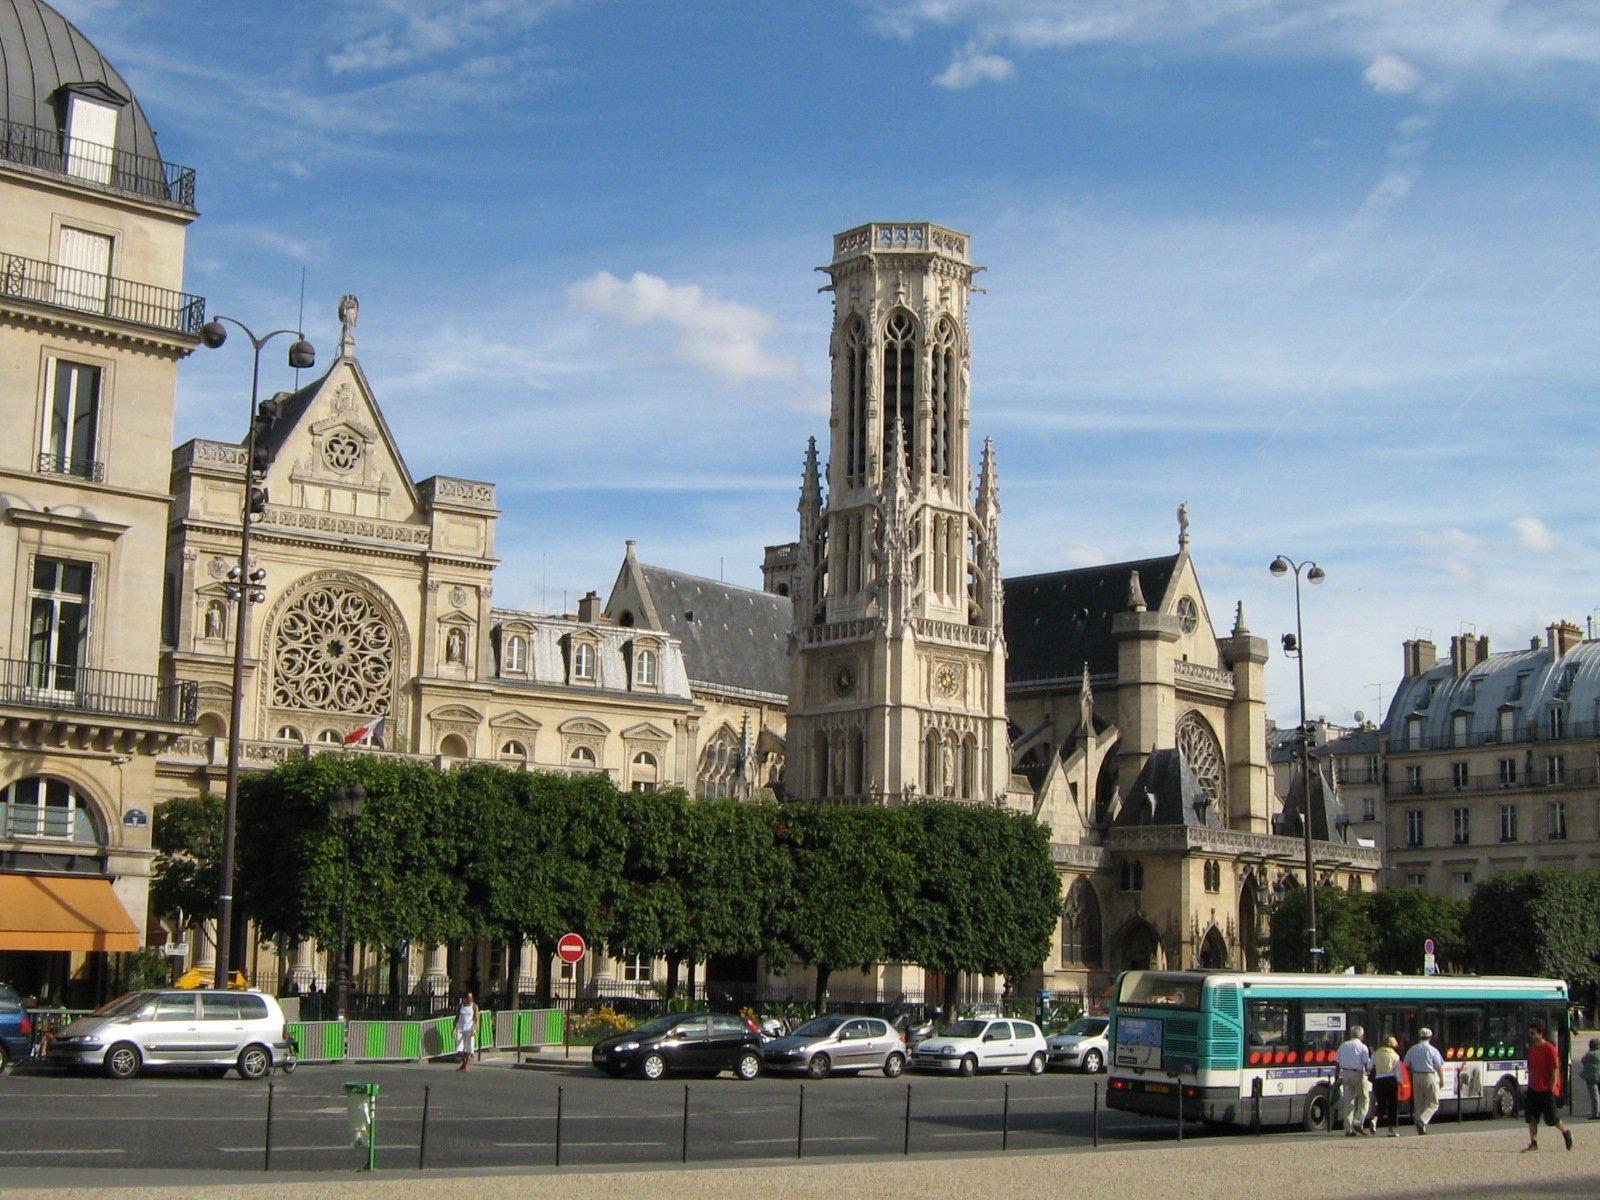 Сен-Жермен-л'Осеруа, Париж, Франция. Июль, 2006